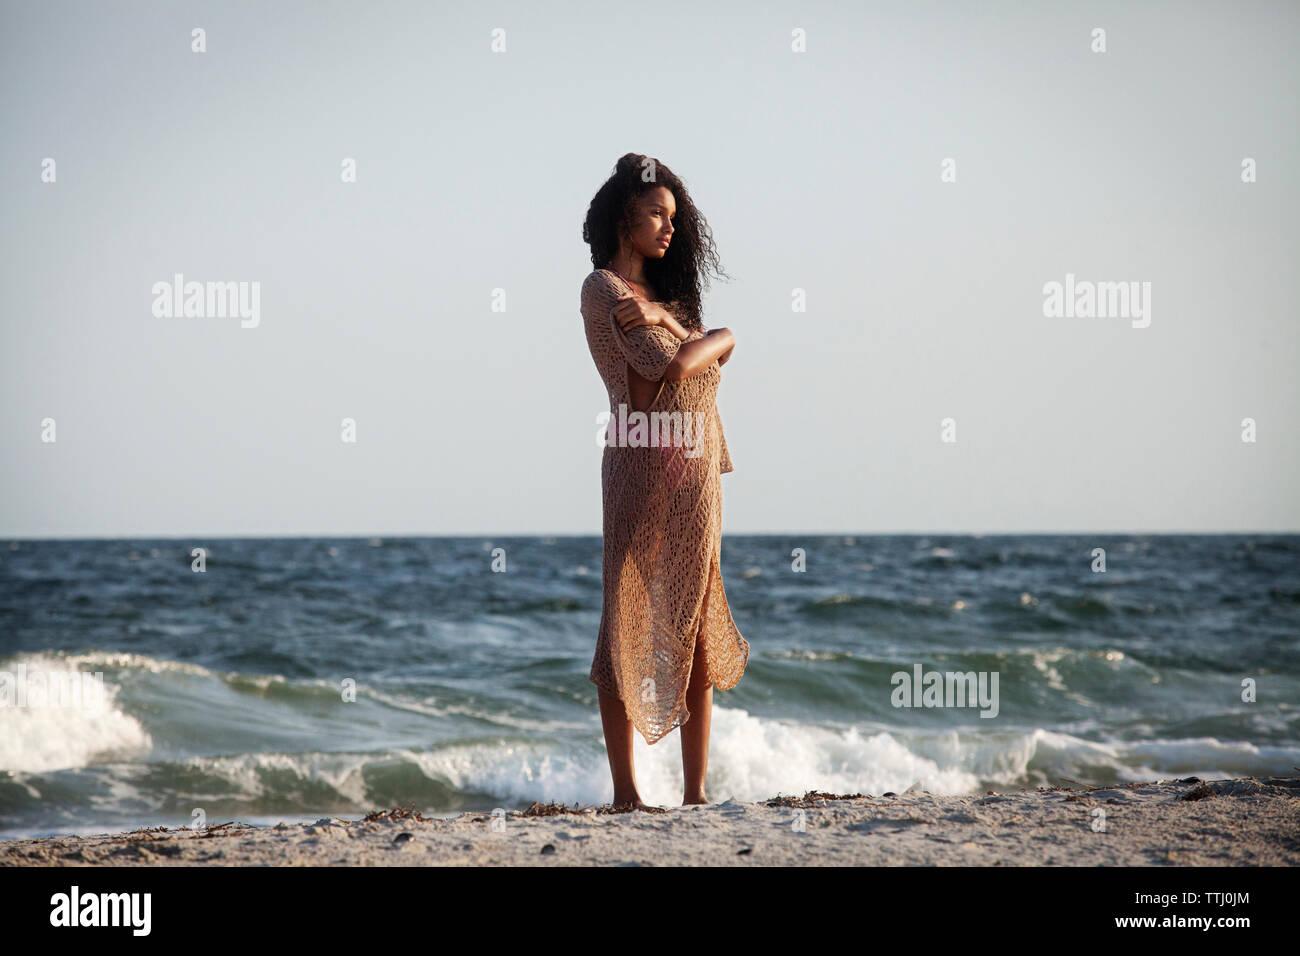 Ragazza adolescente in sarong permanente sulla riva presso la spiaggia Immagini Stock